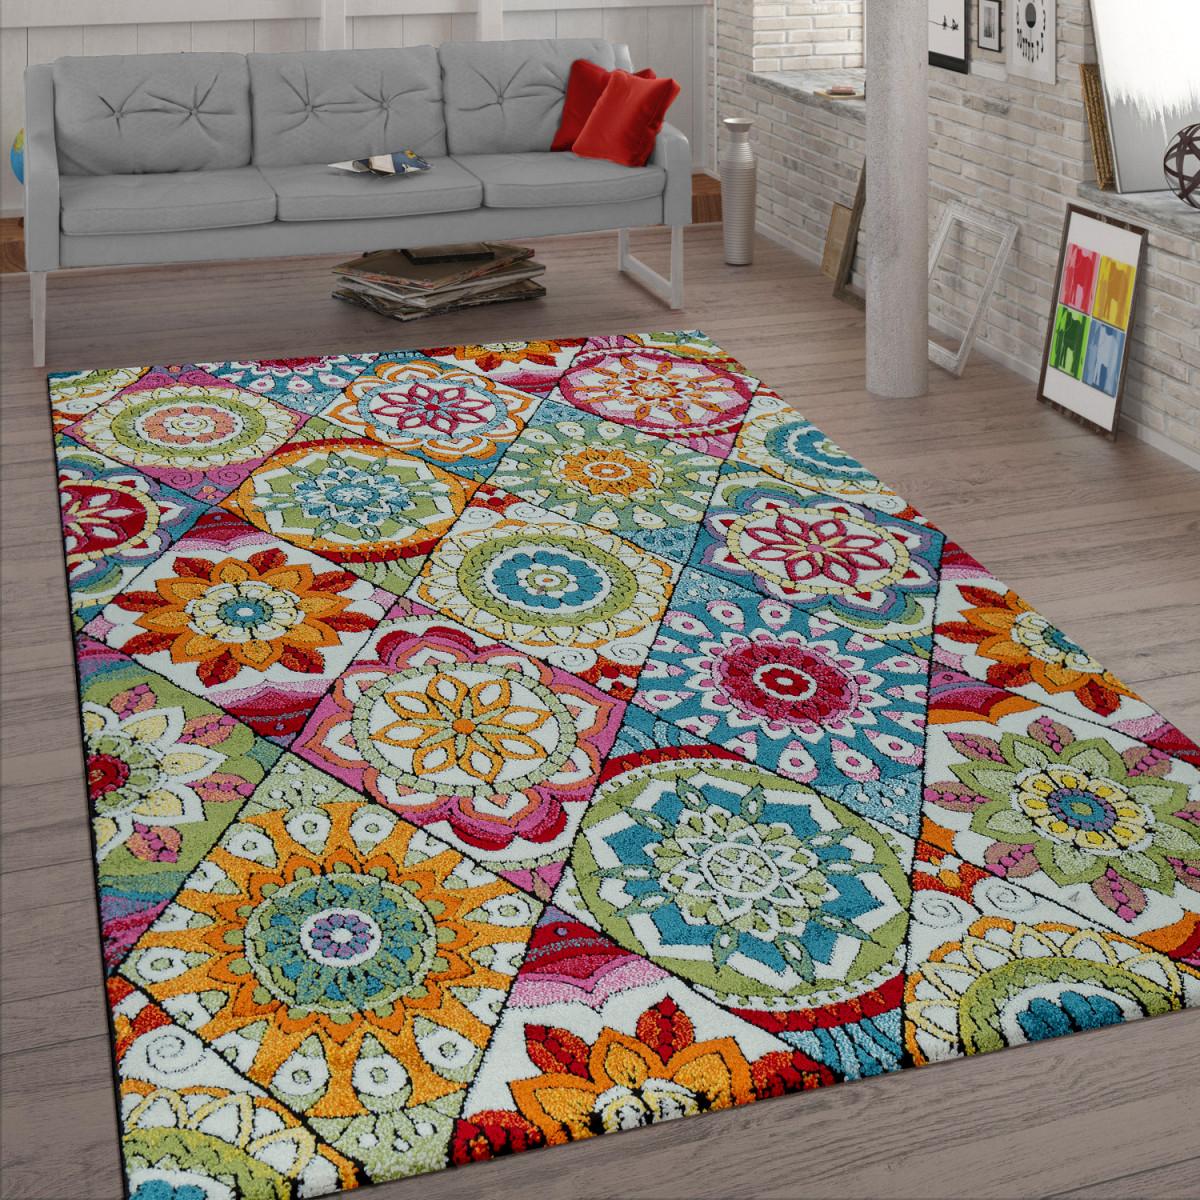 Details Zu Kurzflor Teppich Wohnzimmer Bunt Retro Design Mandala Muster  Design Boho Stil von Teppich Wohnzimmer Bunt Photo